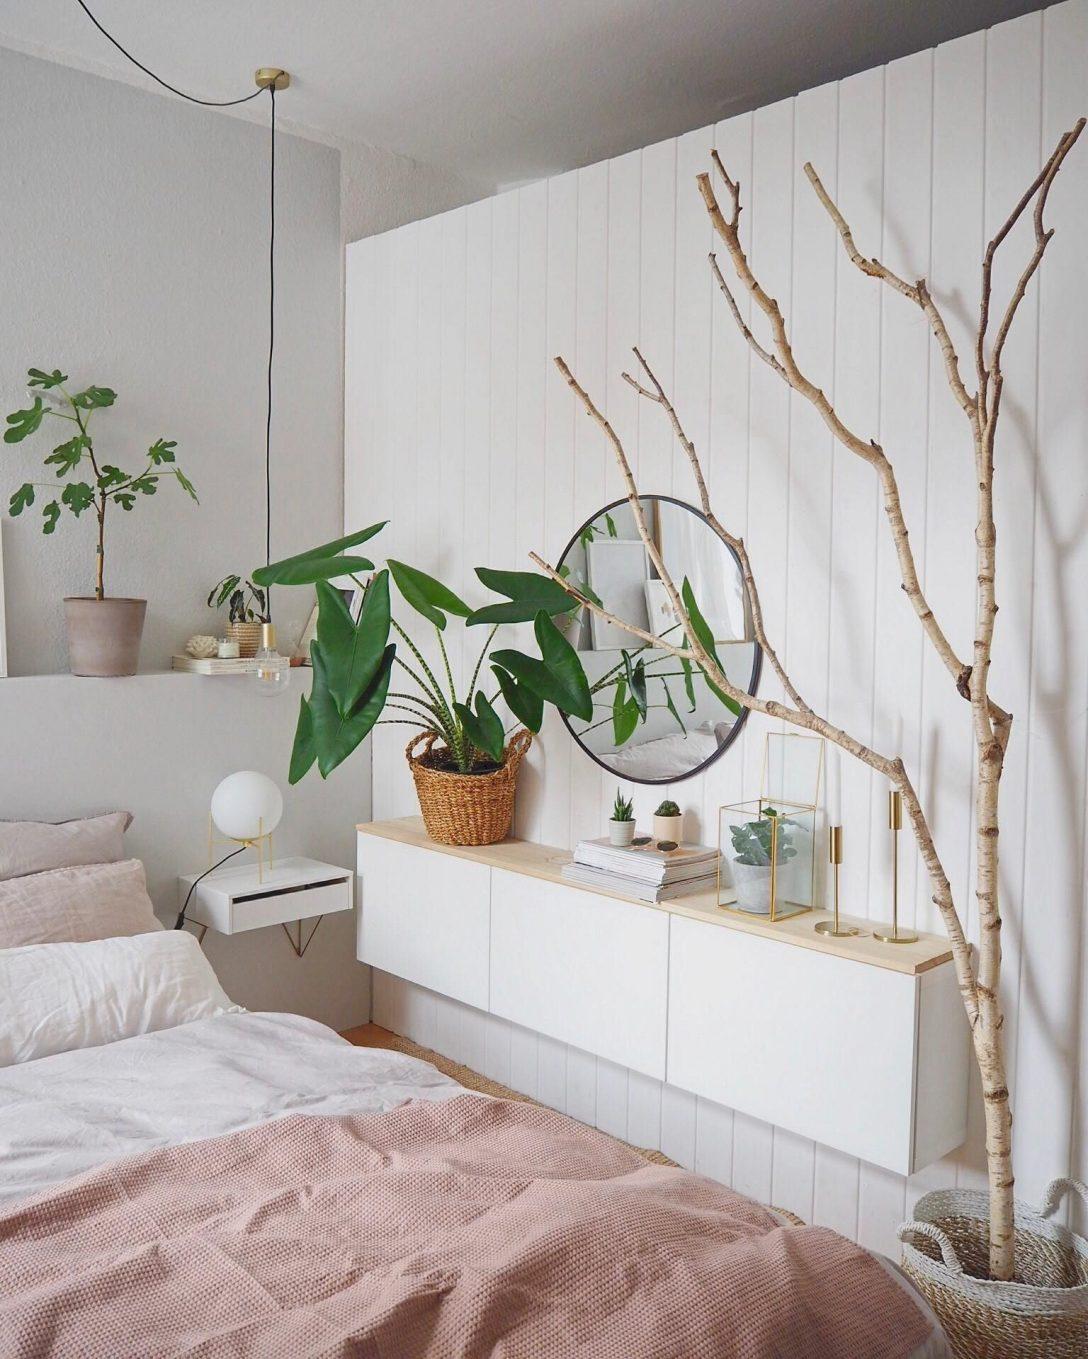 Full Size of Schlafzimmer Deko Ideen Grau Rosa Dekorieren Pinterest Wohnzimmer Fensterbank Dekorieren